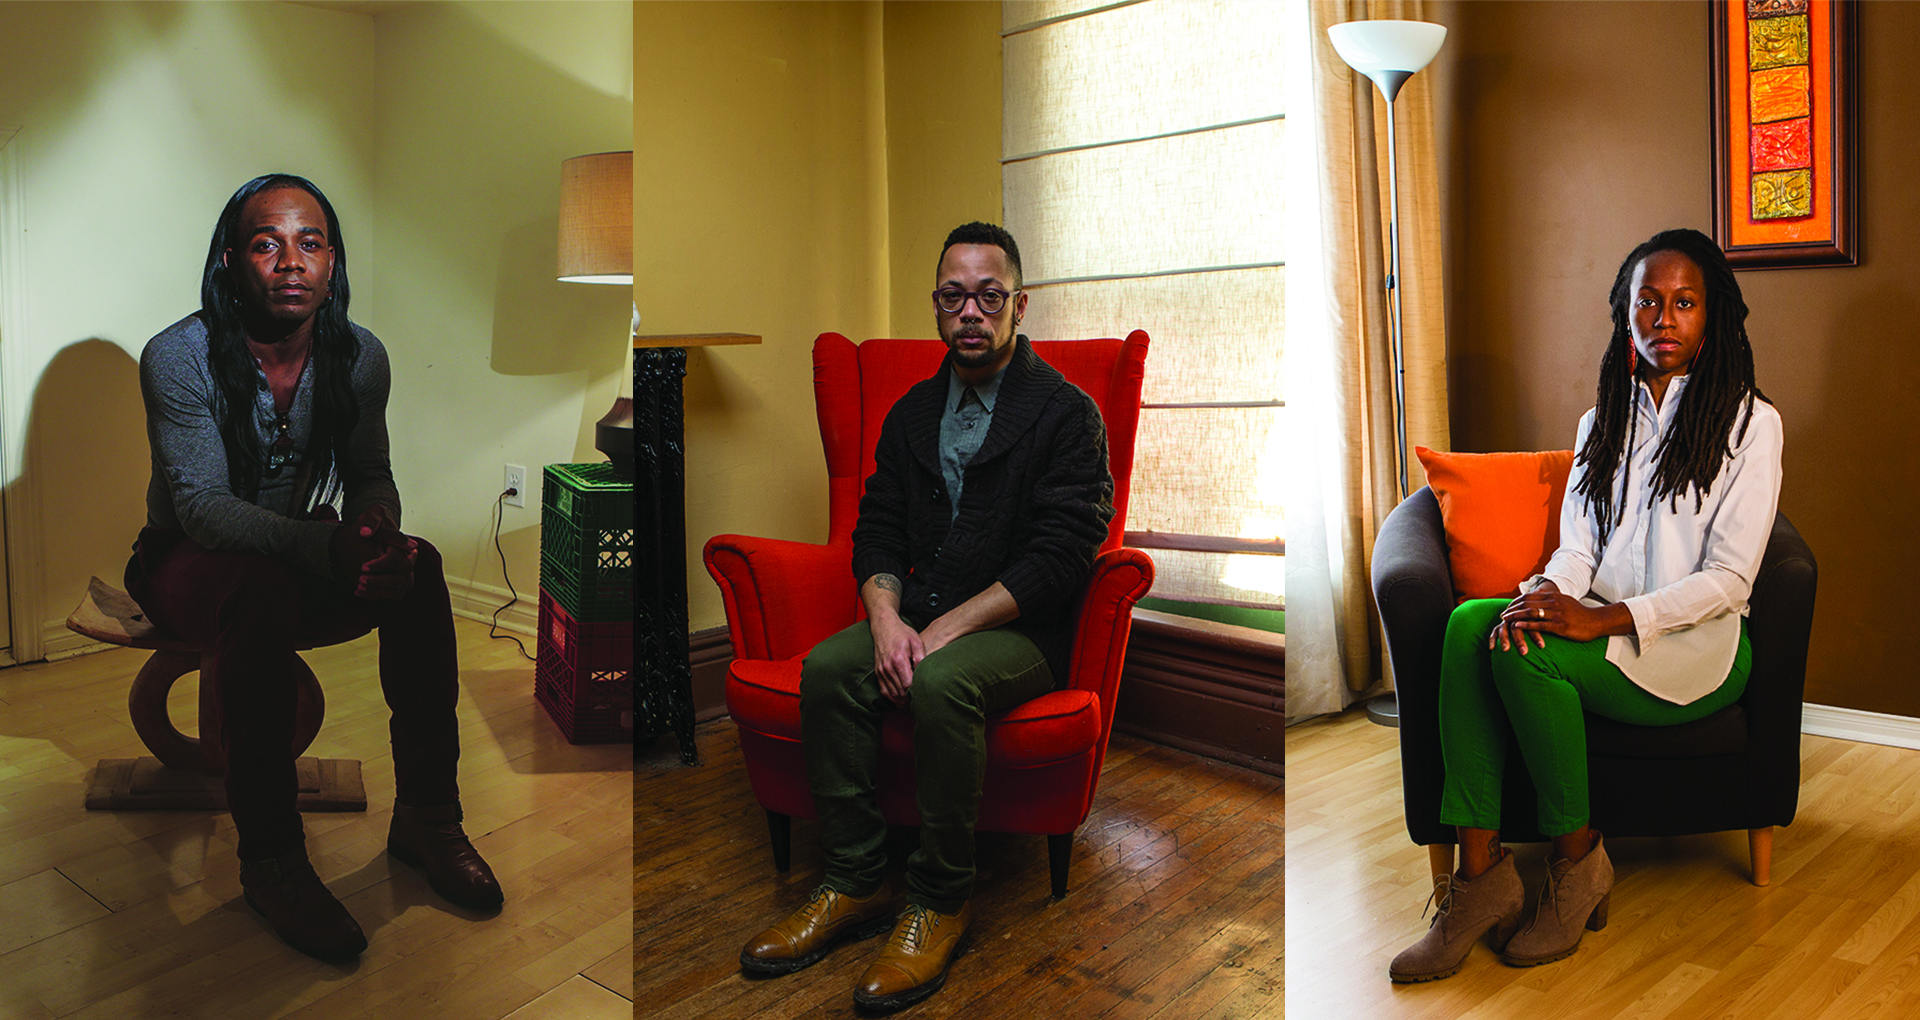 Trois portraits de trois quart côte-à-côte, de 3 personnes noires assises